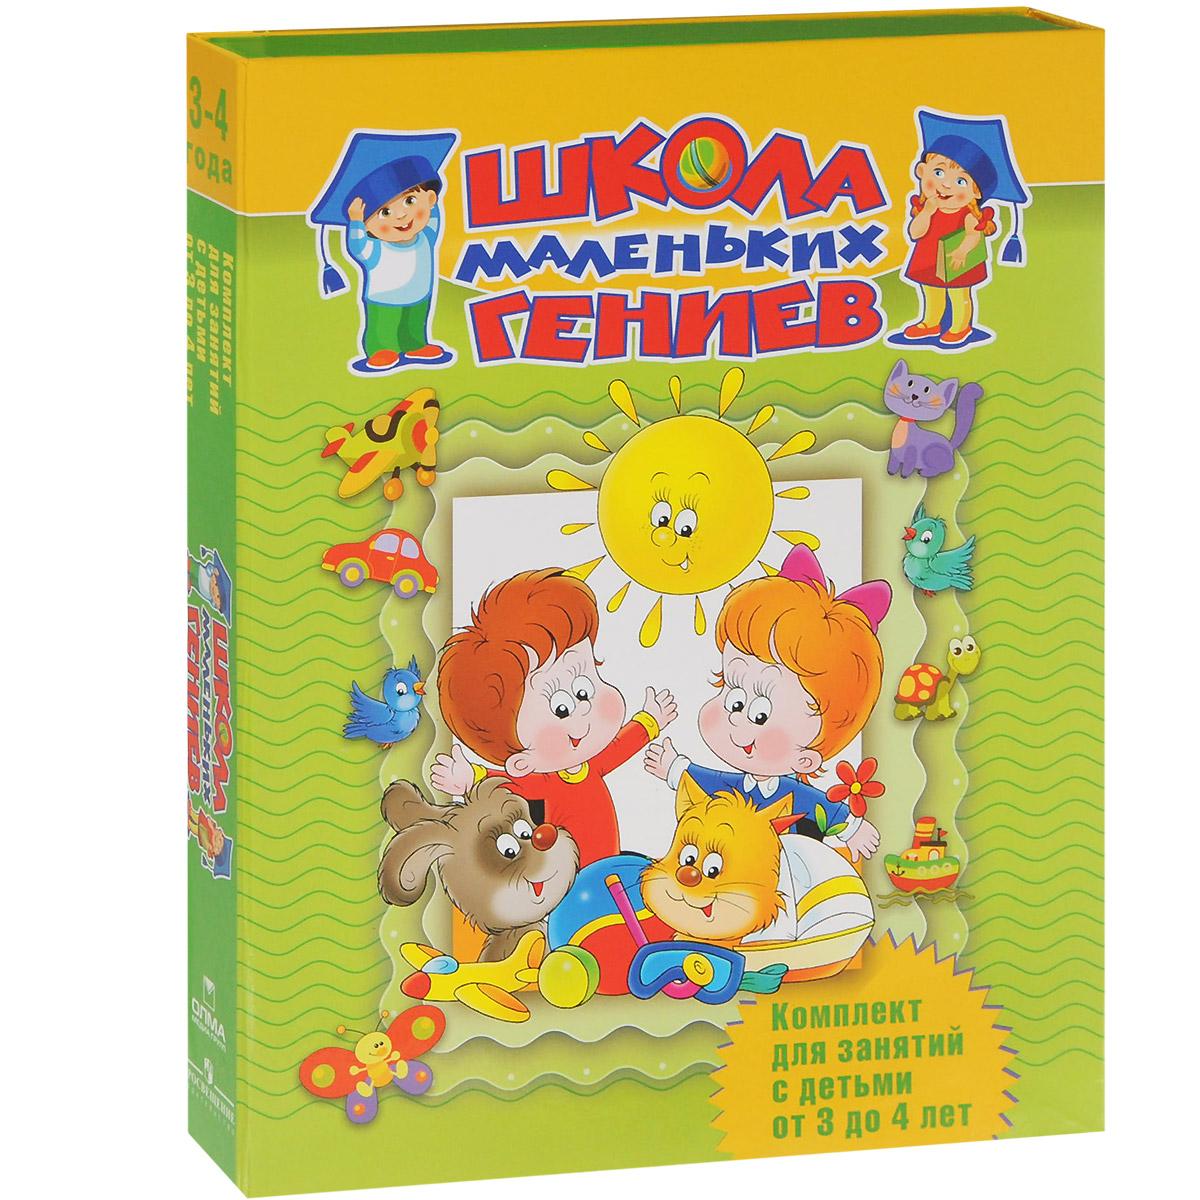 Лучшие книги для детей 3 лет